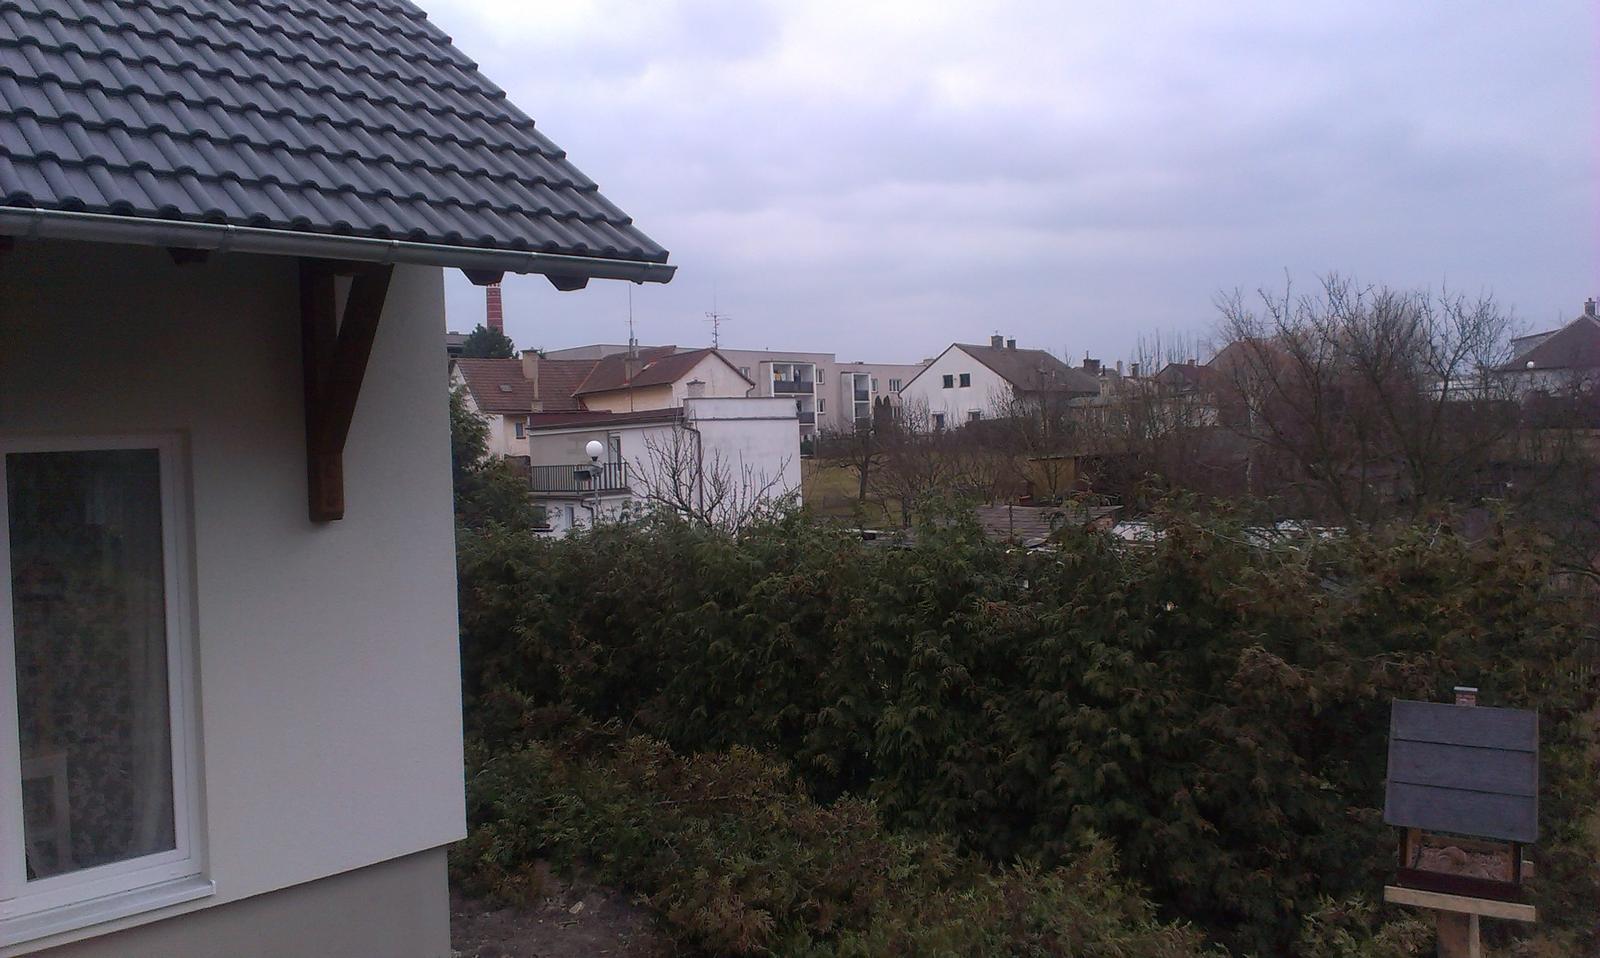 Záhrada - Obrázek č. 3